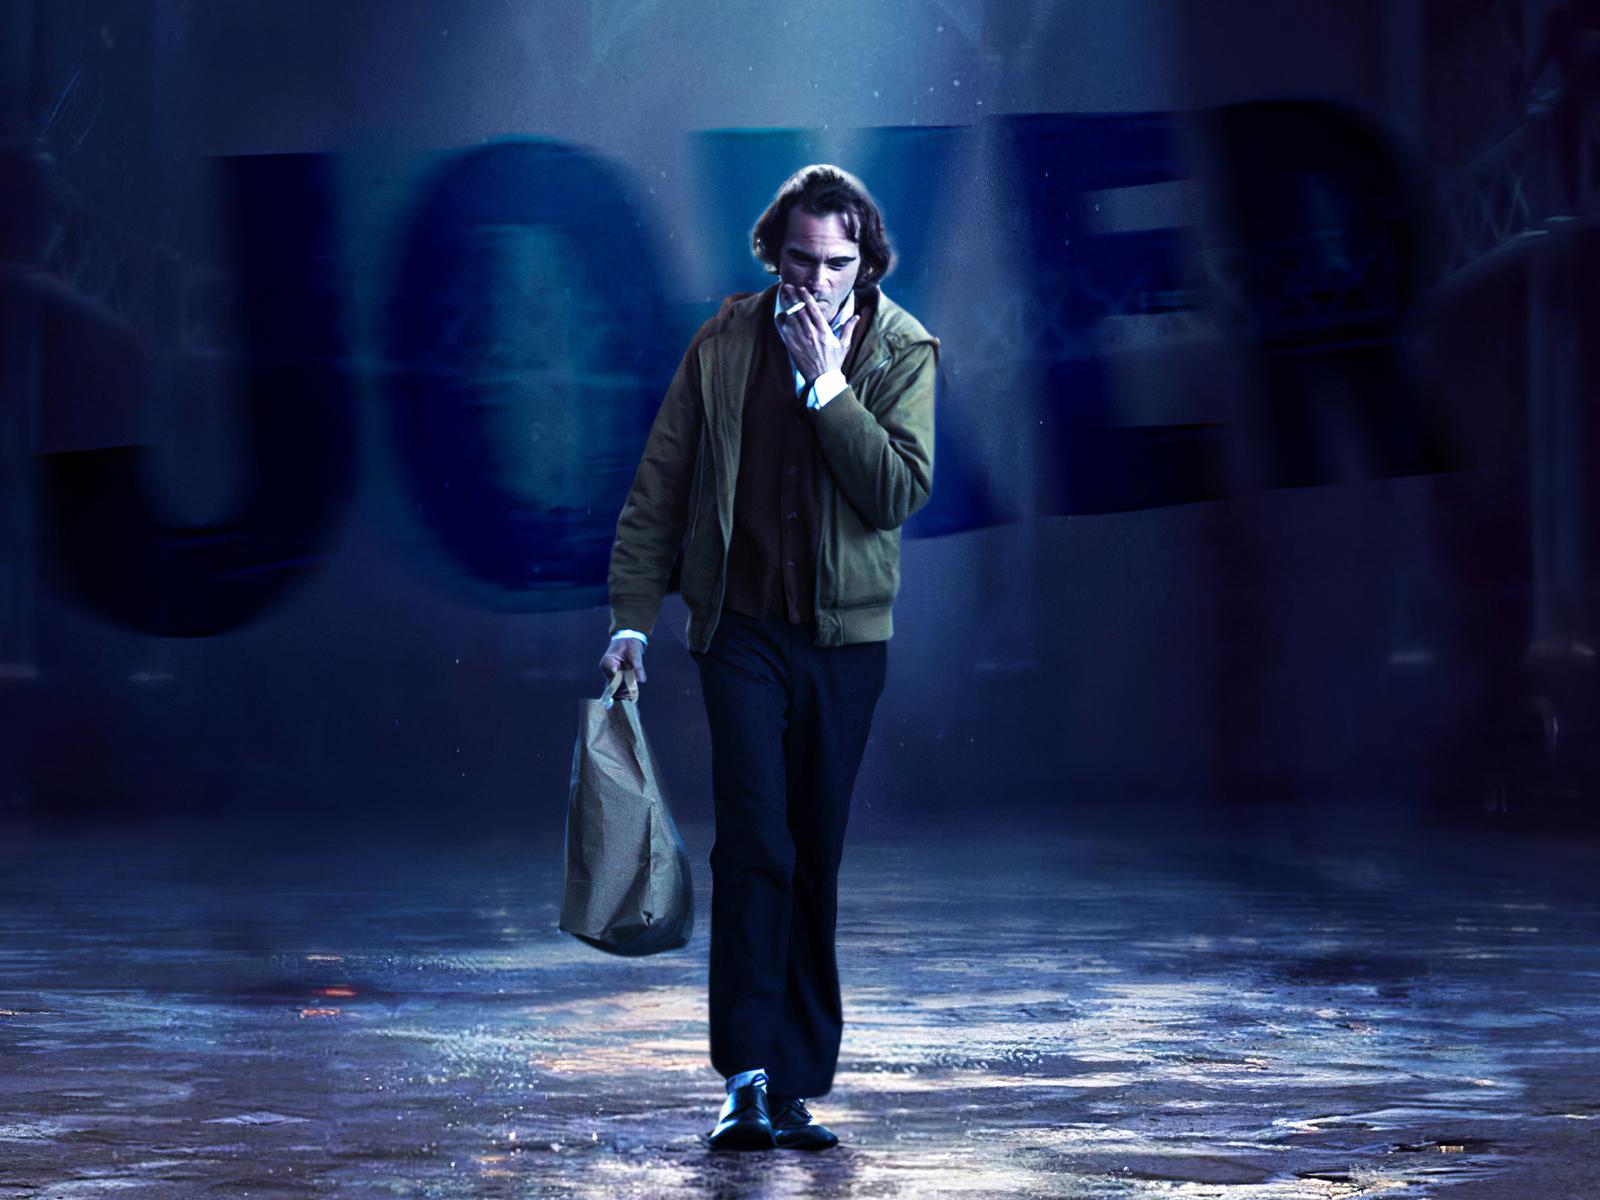 joker-walking-cigratte-iz.jpg